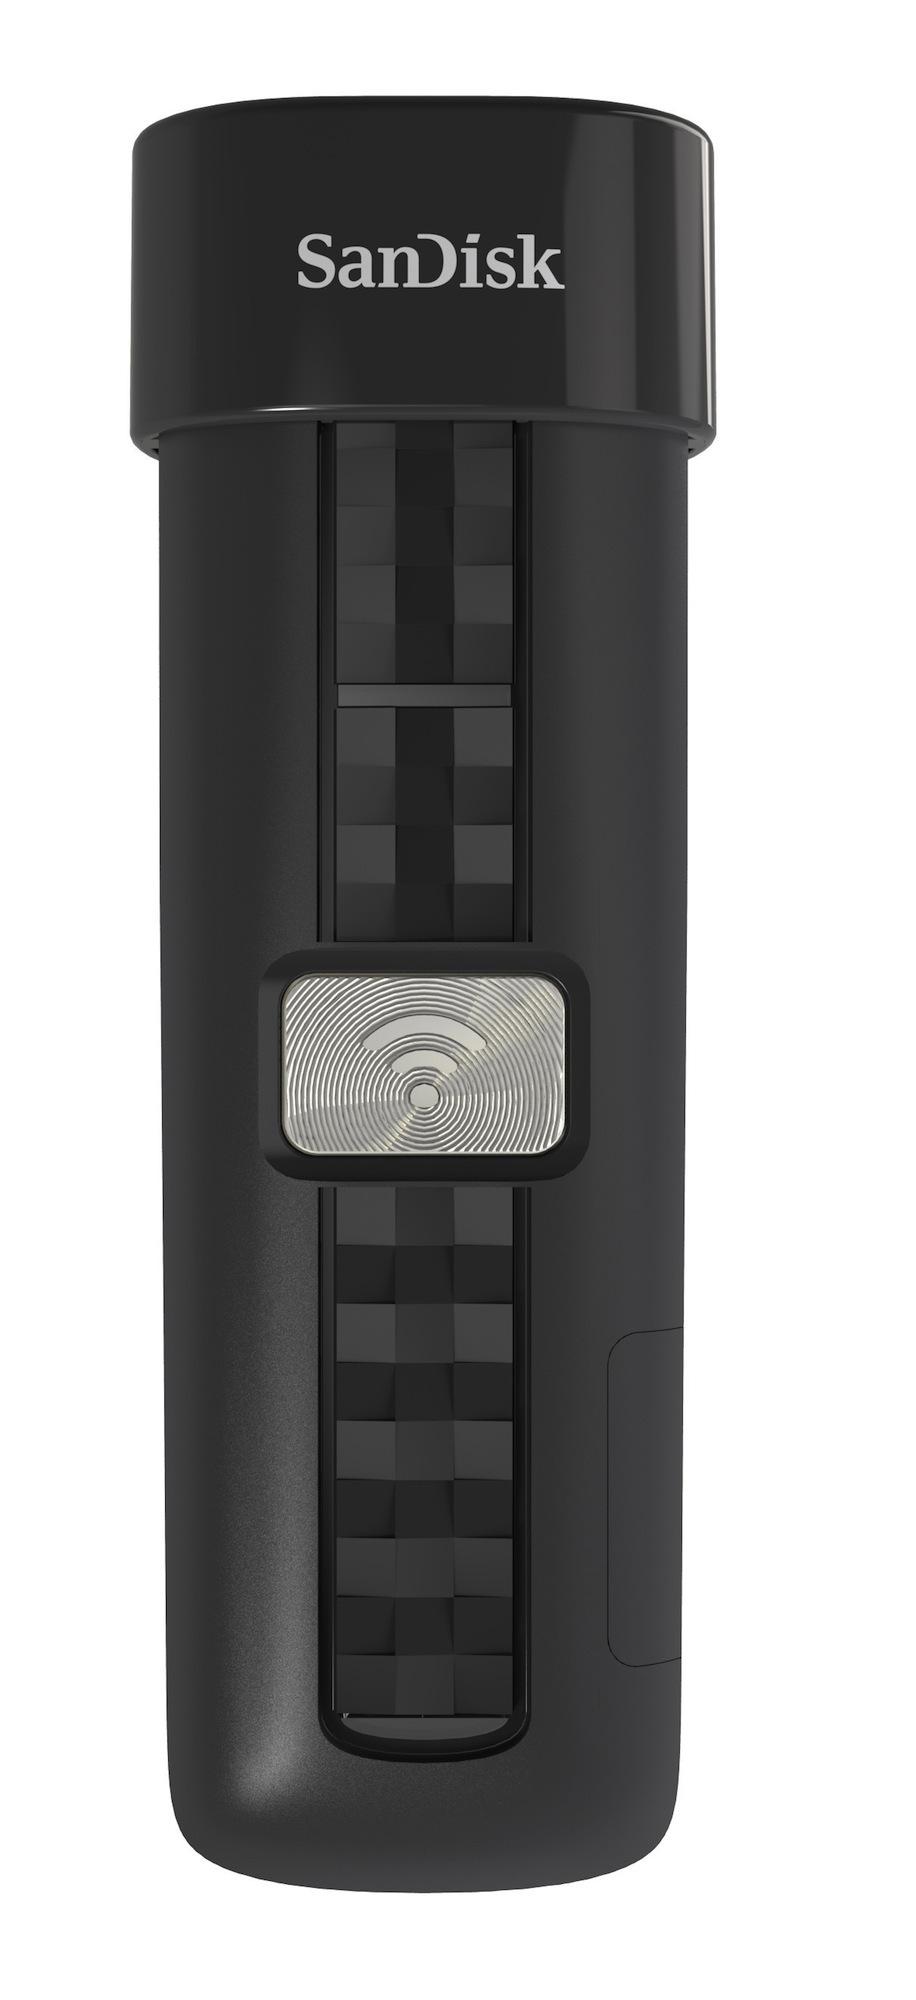 SanDisk_Wireless_Flash_Drive